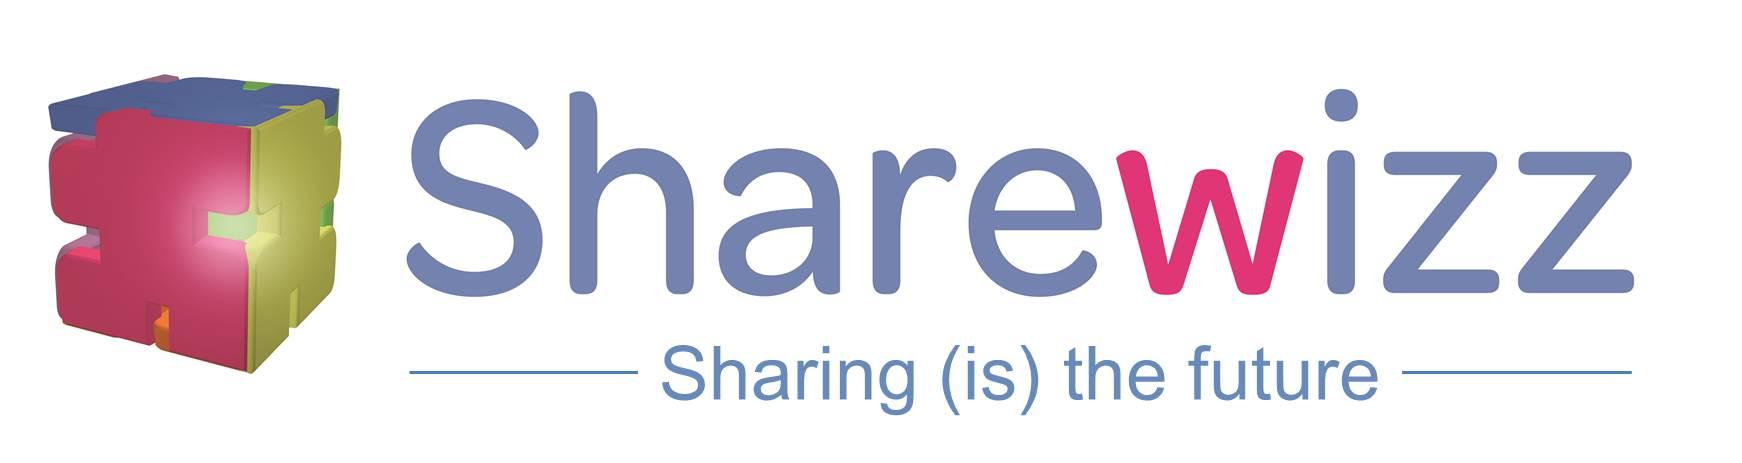 Logo de la société Sharewizz